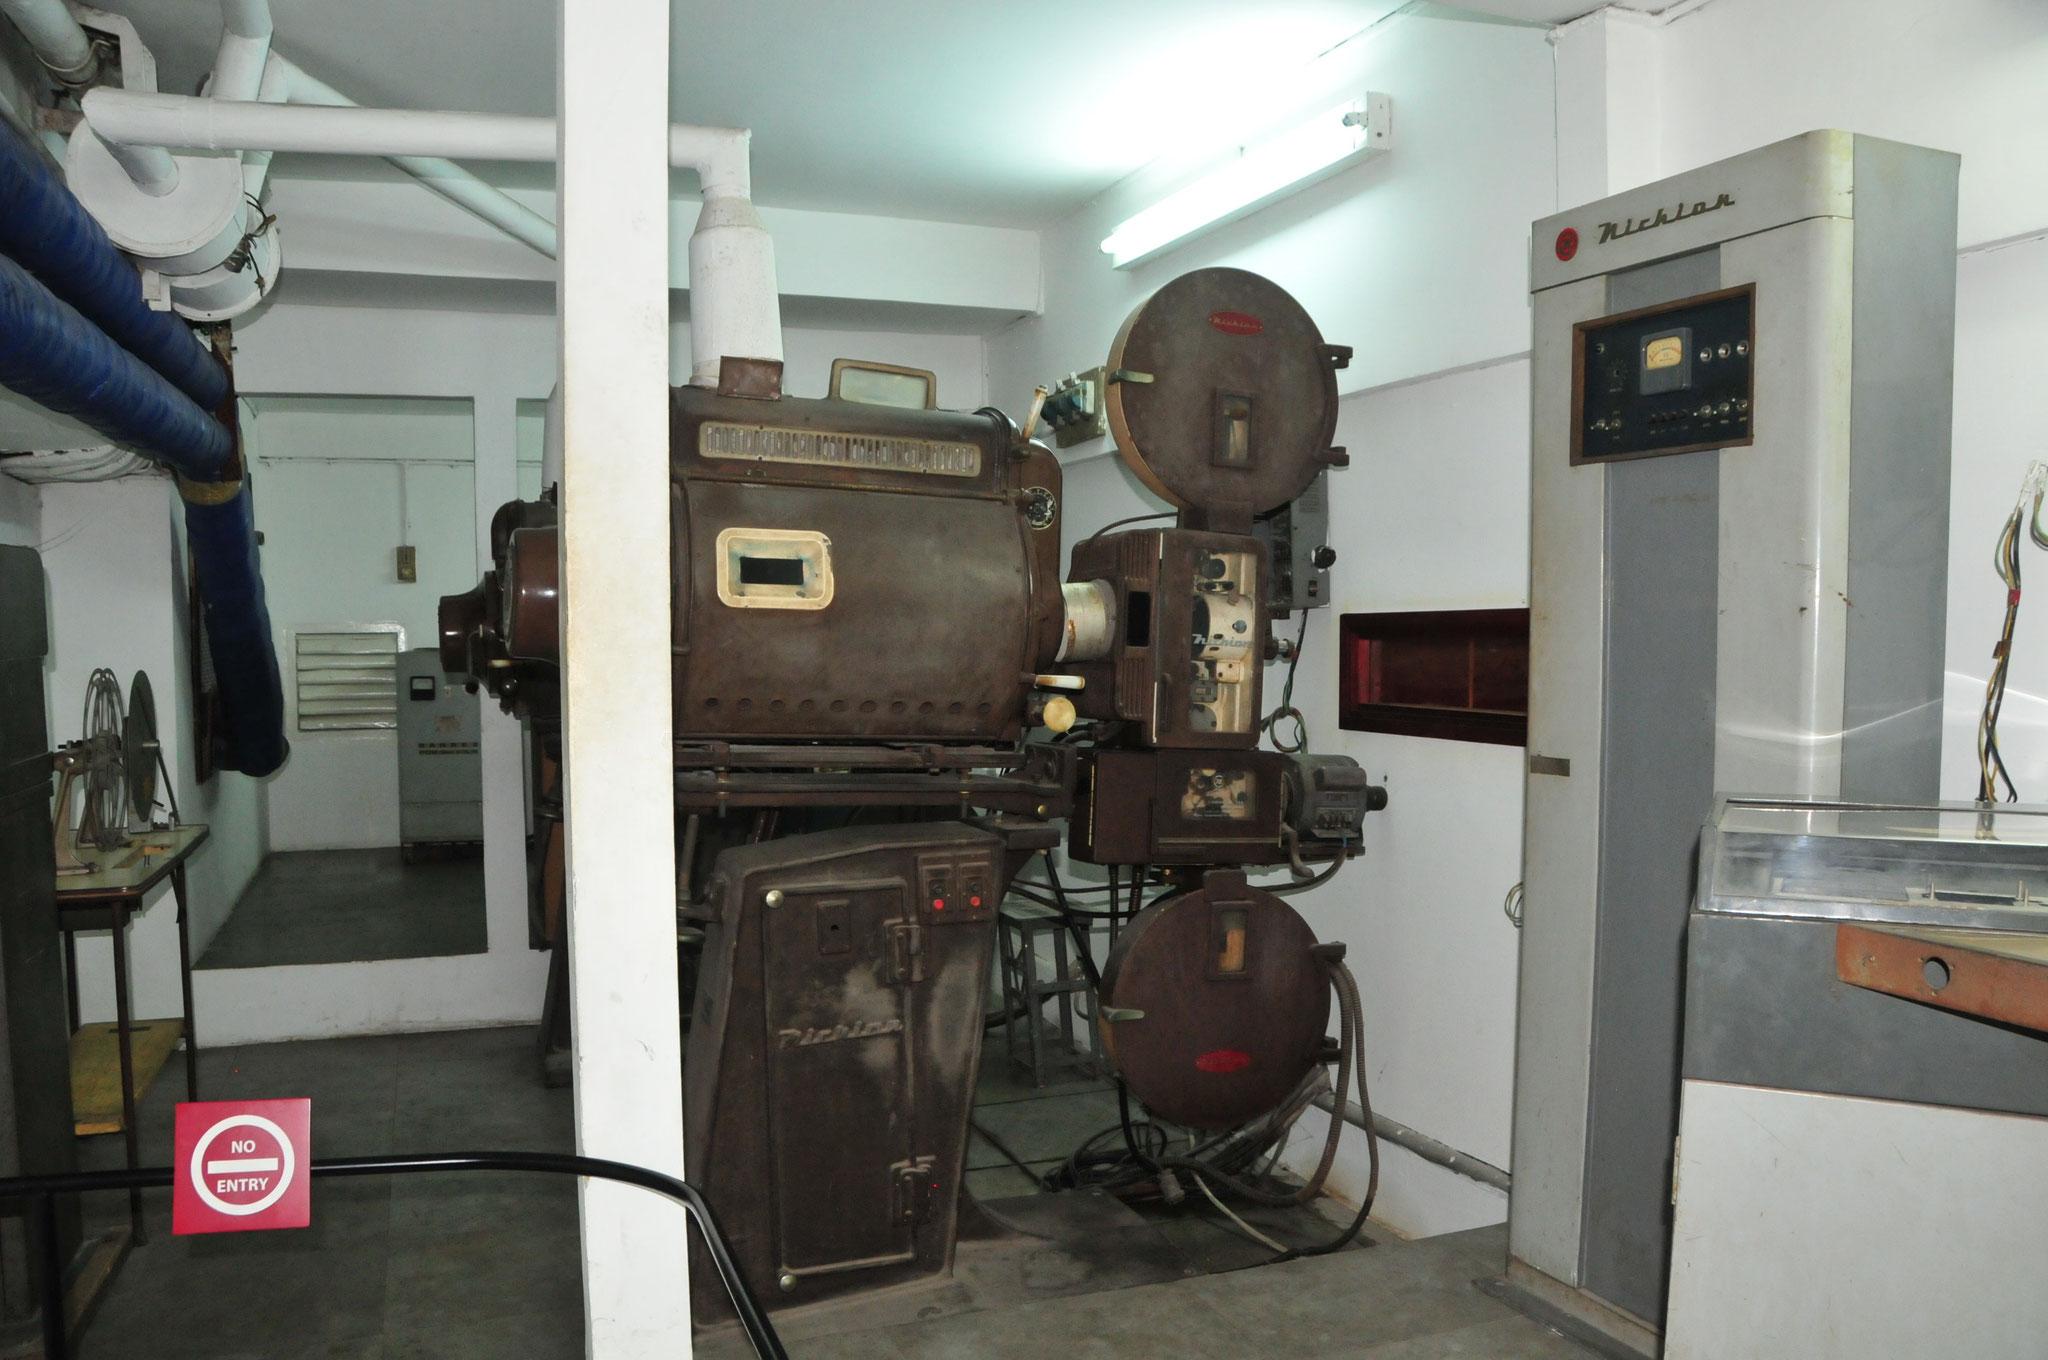 Hier wurde jeder Film erst zensuriert, bevor er im Land ausgestrahl werden durfte